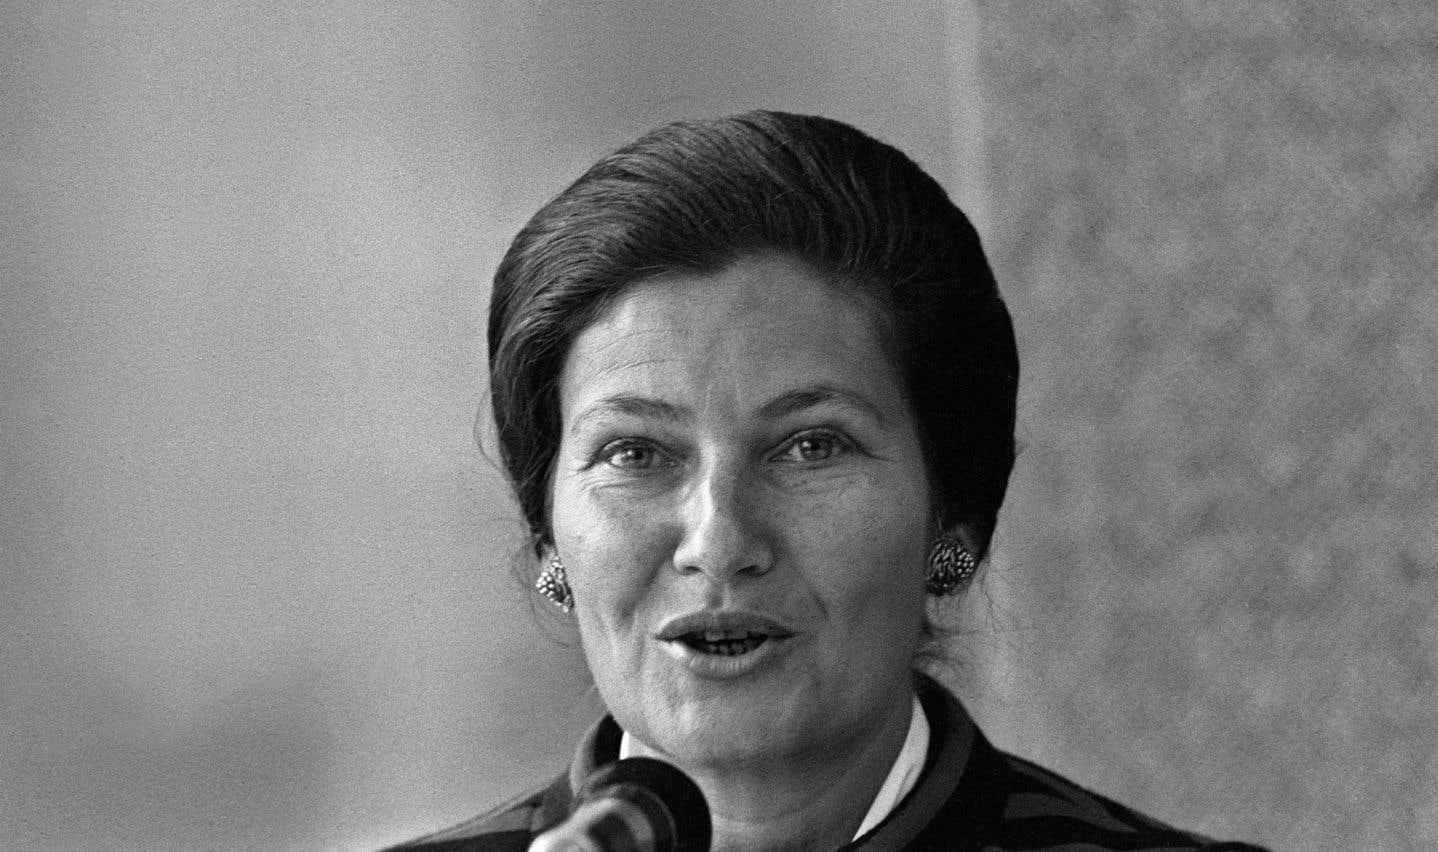 Décès de Simone Veil, icône de la lutte pour les droits des femmes